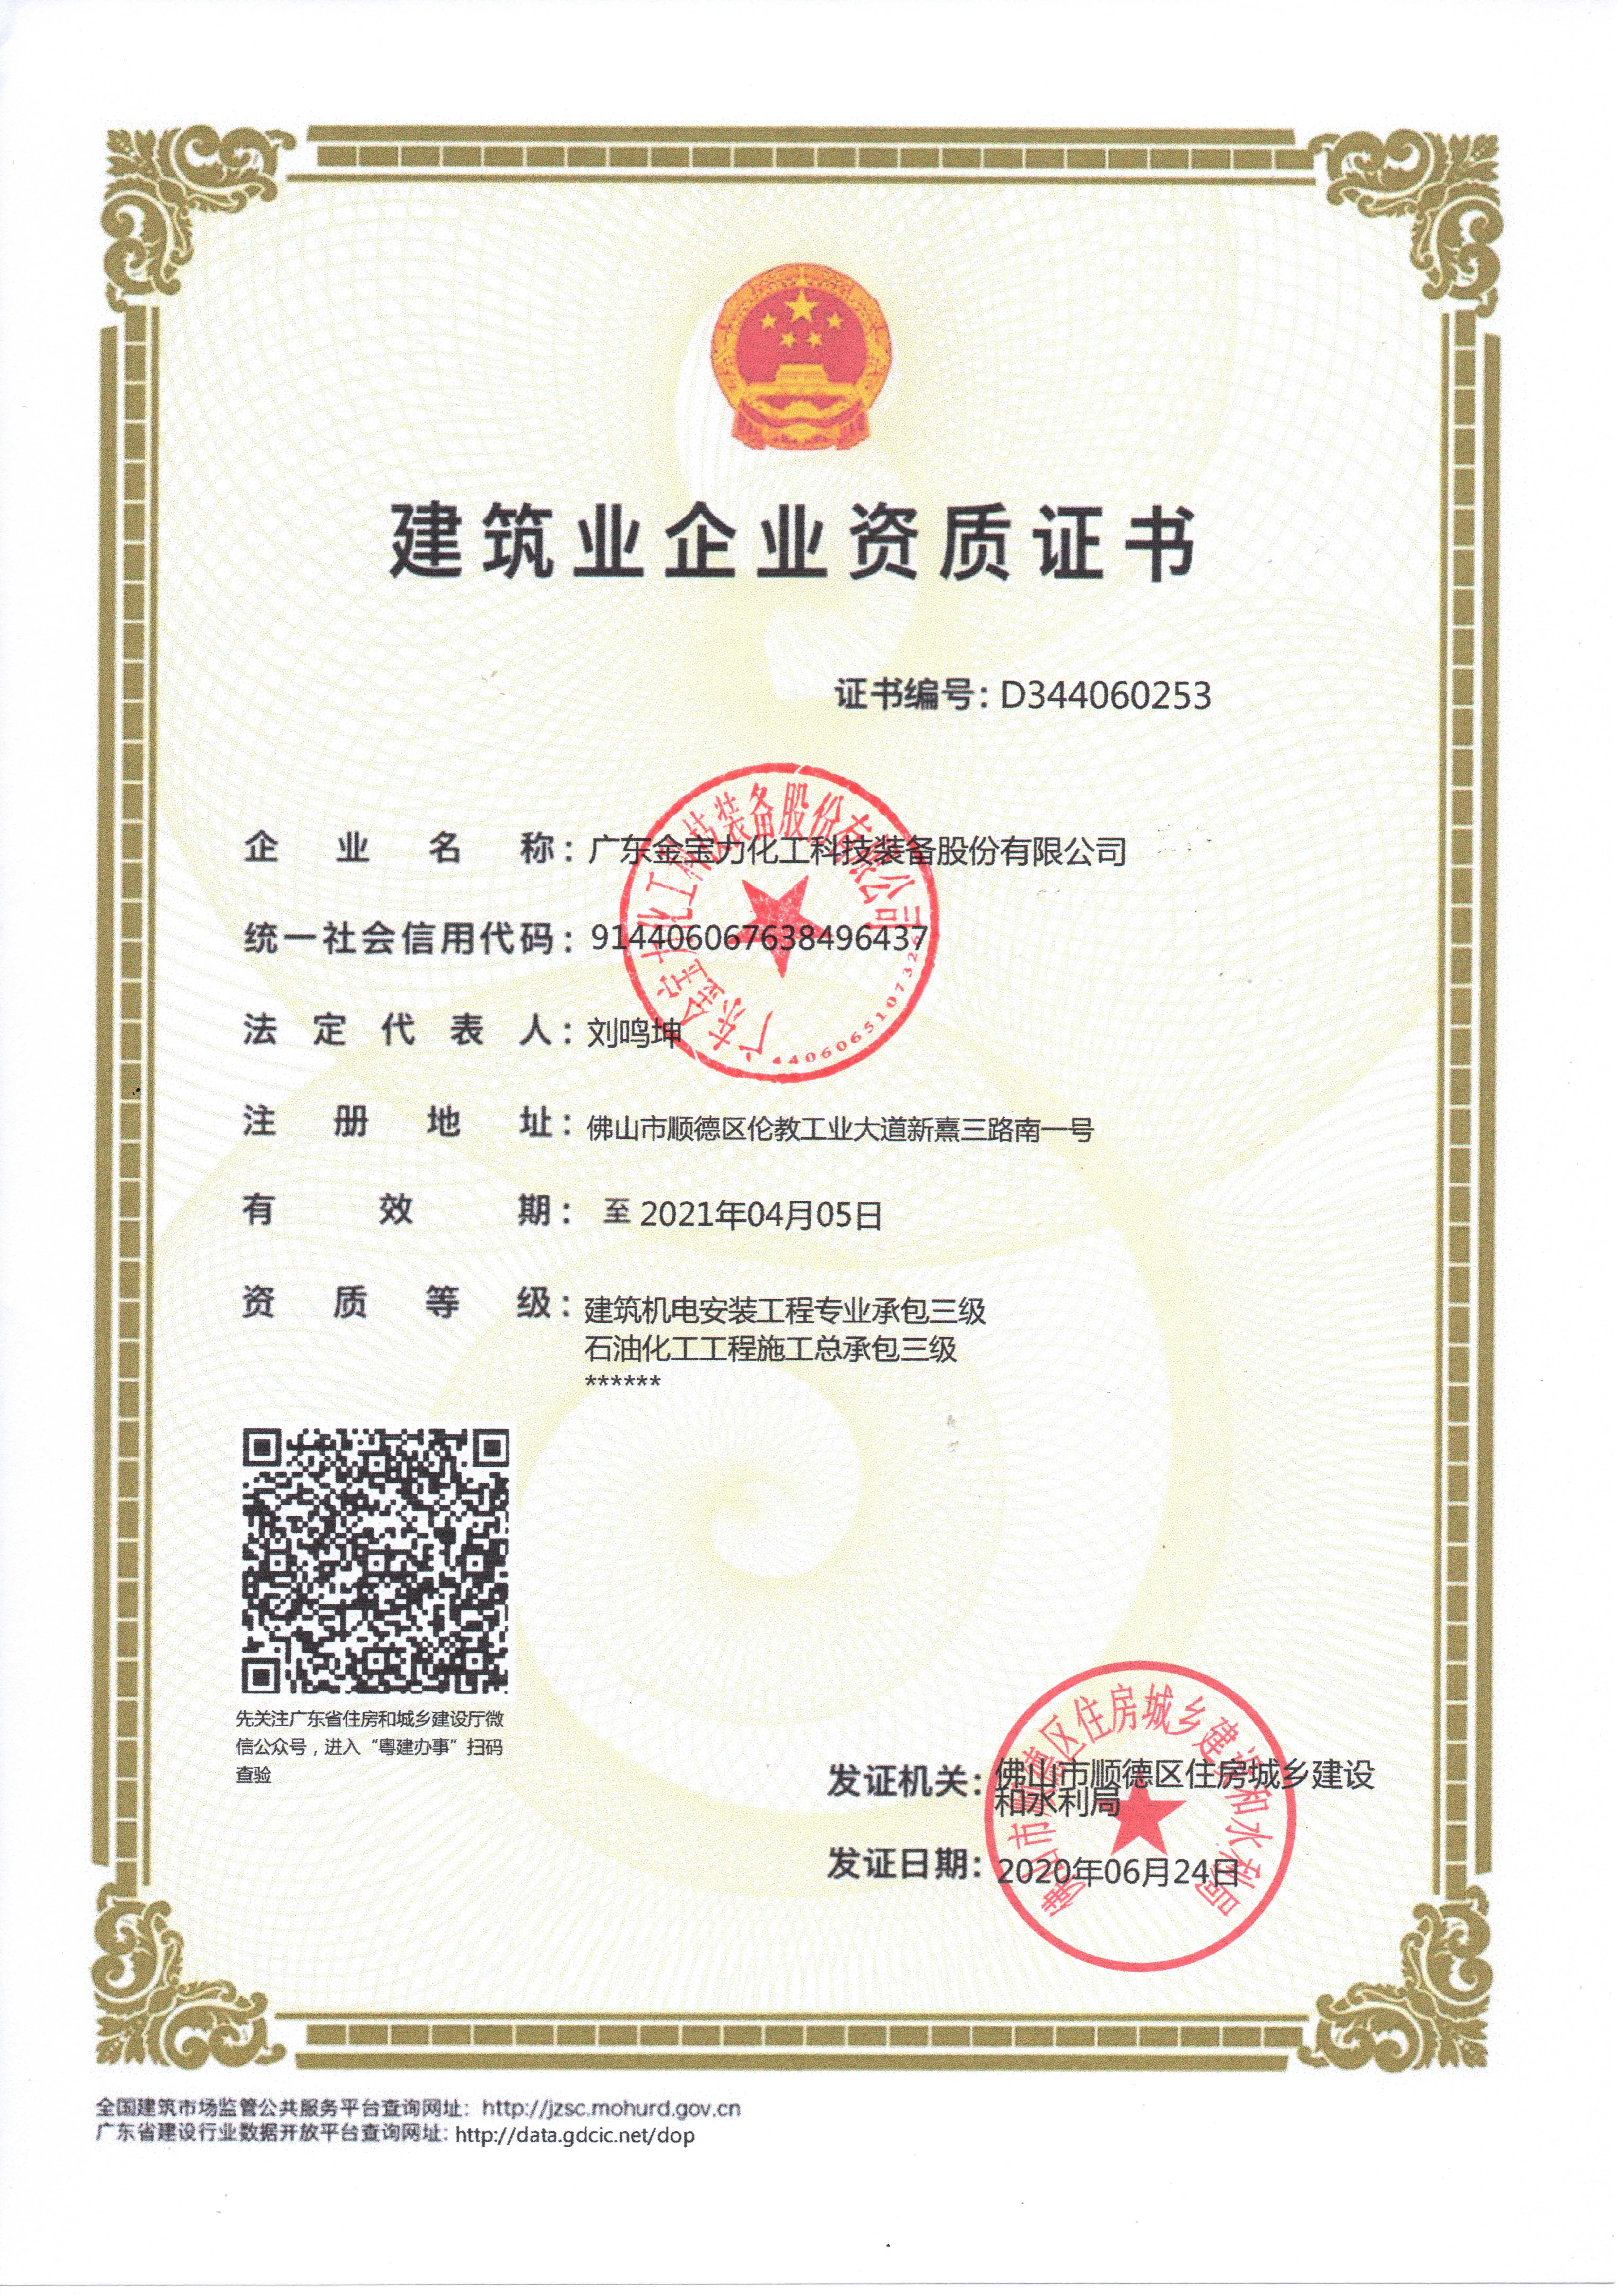 石油化工工程施工總承包三級資質證書